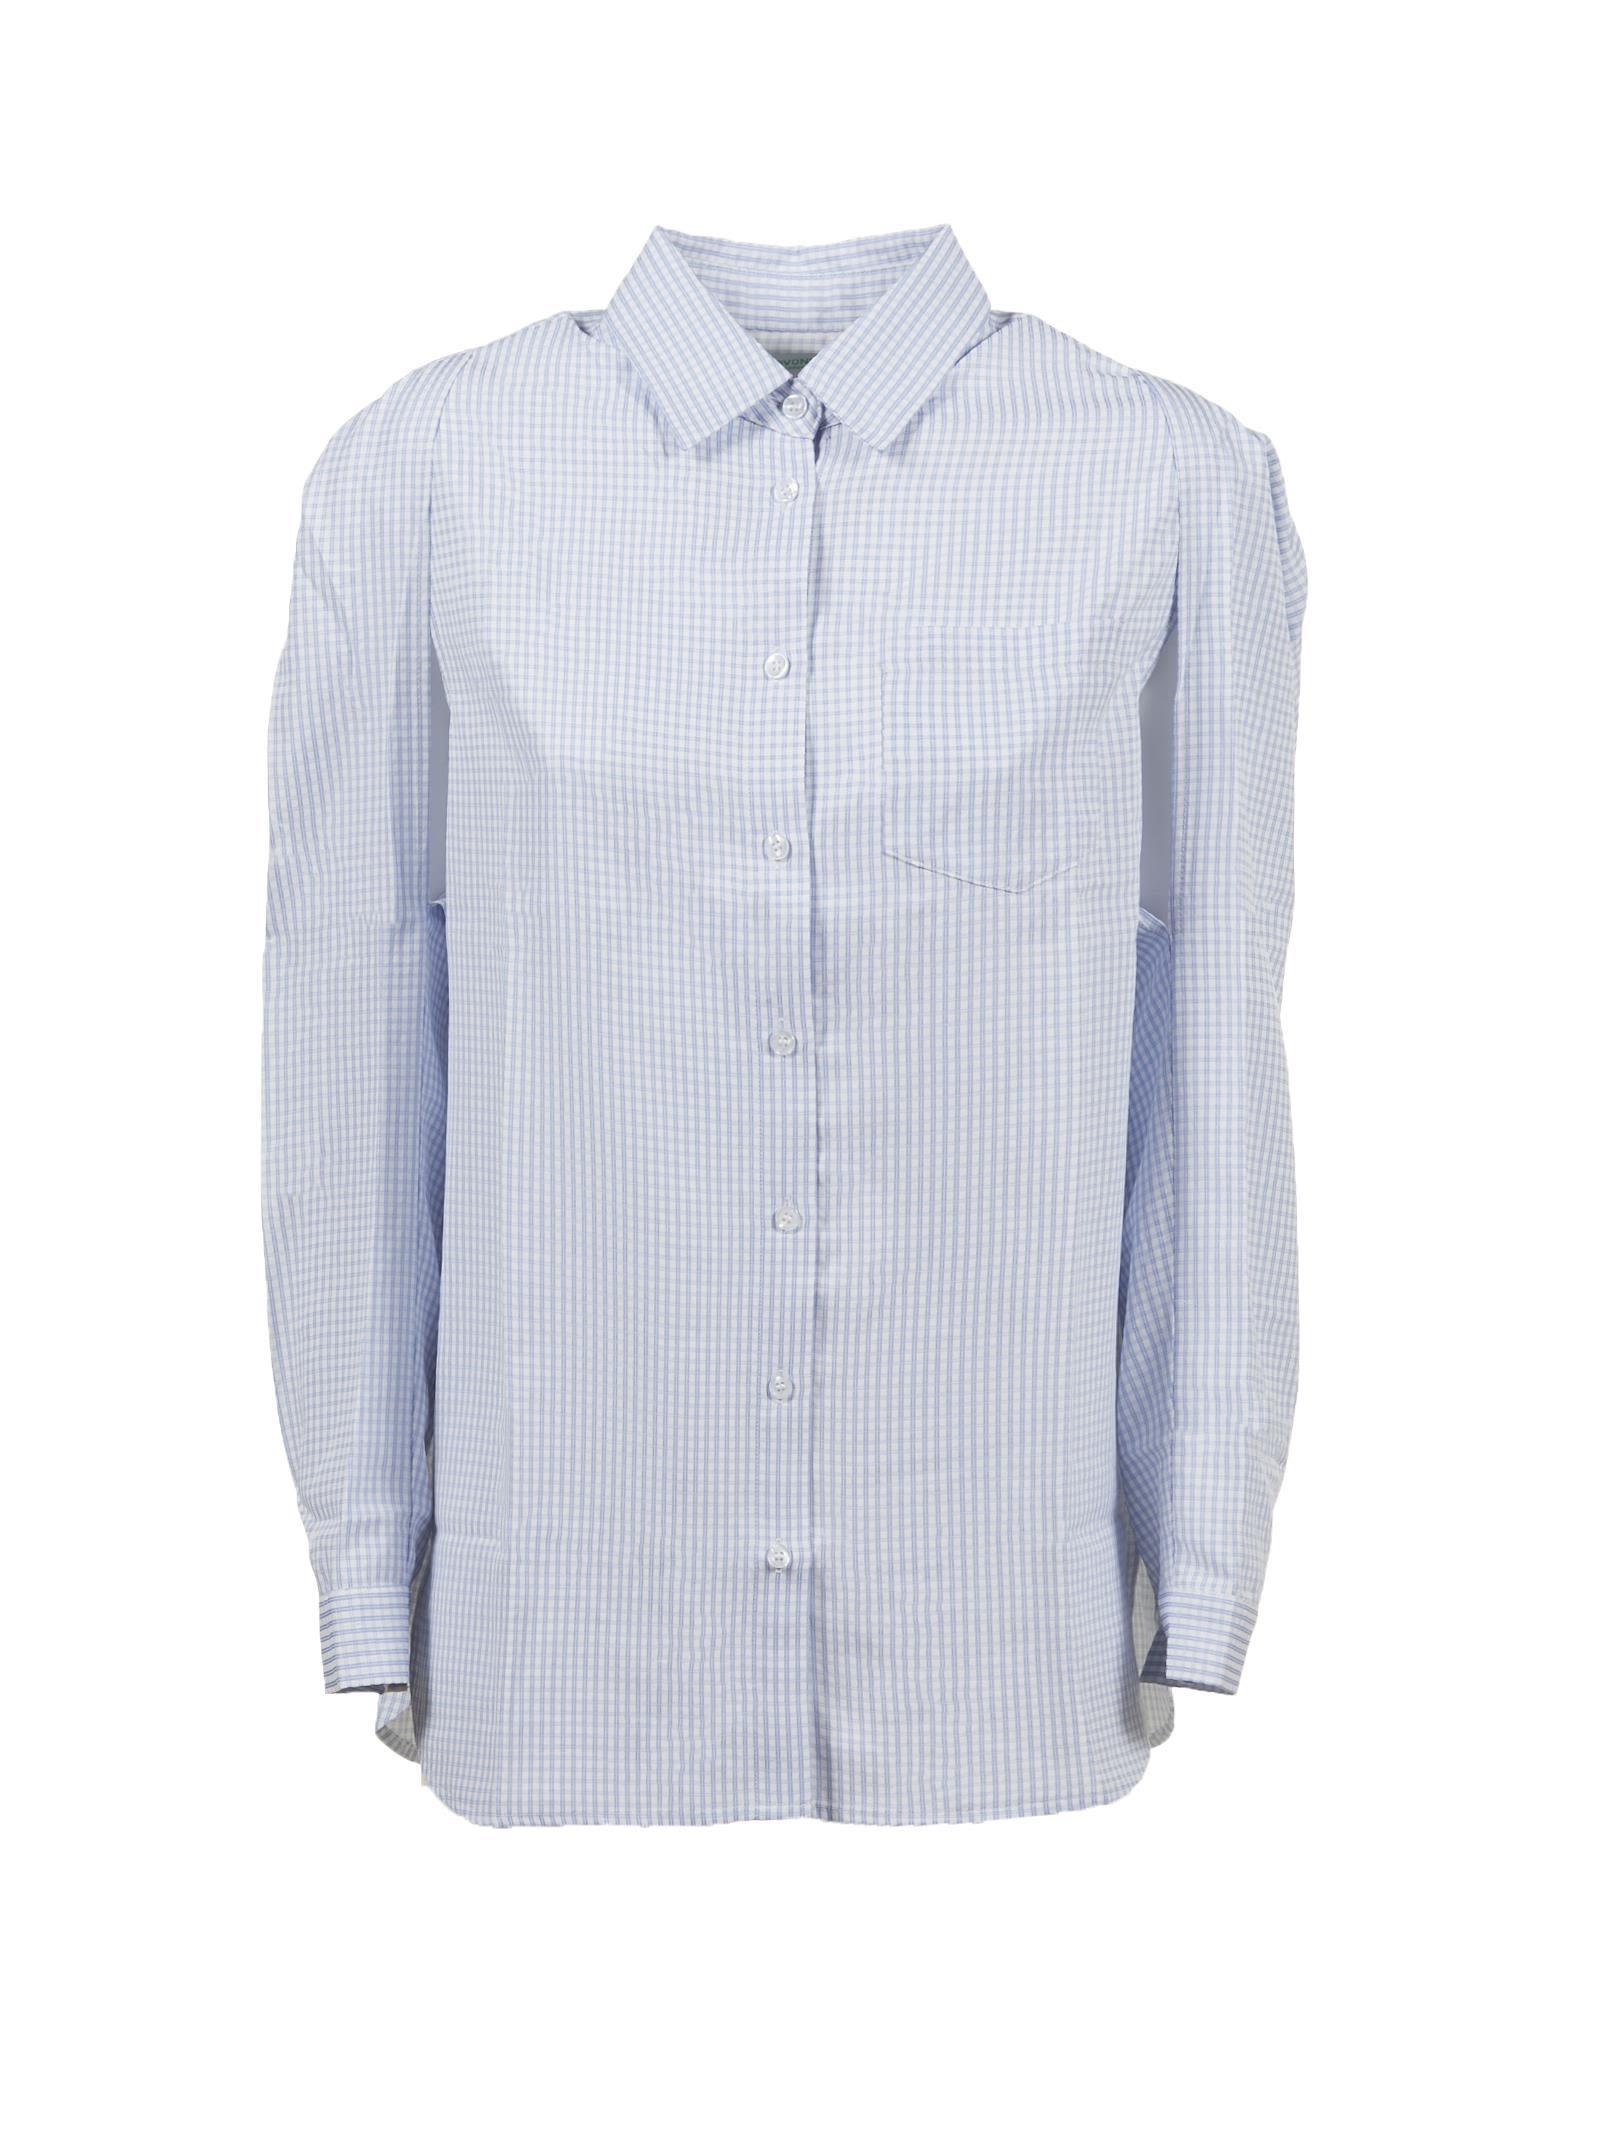 2d24761a30 Jovanna Barbell Shirt